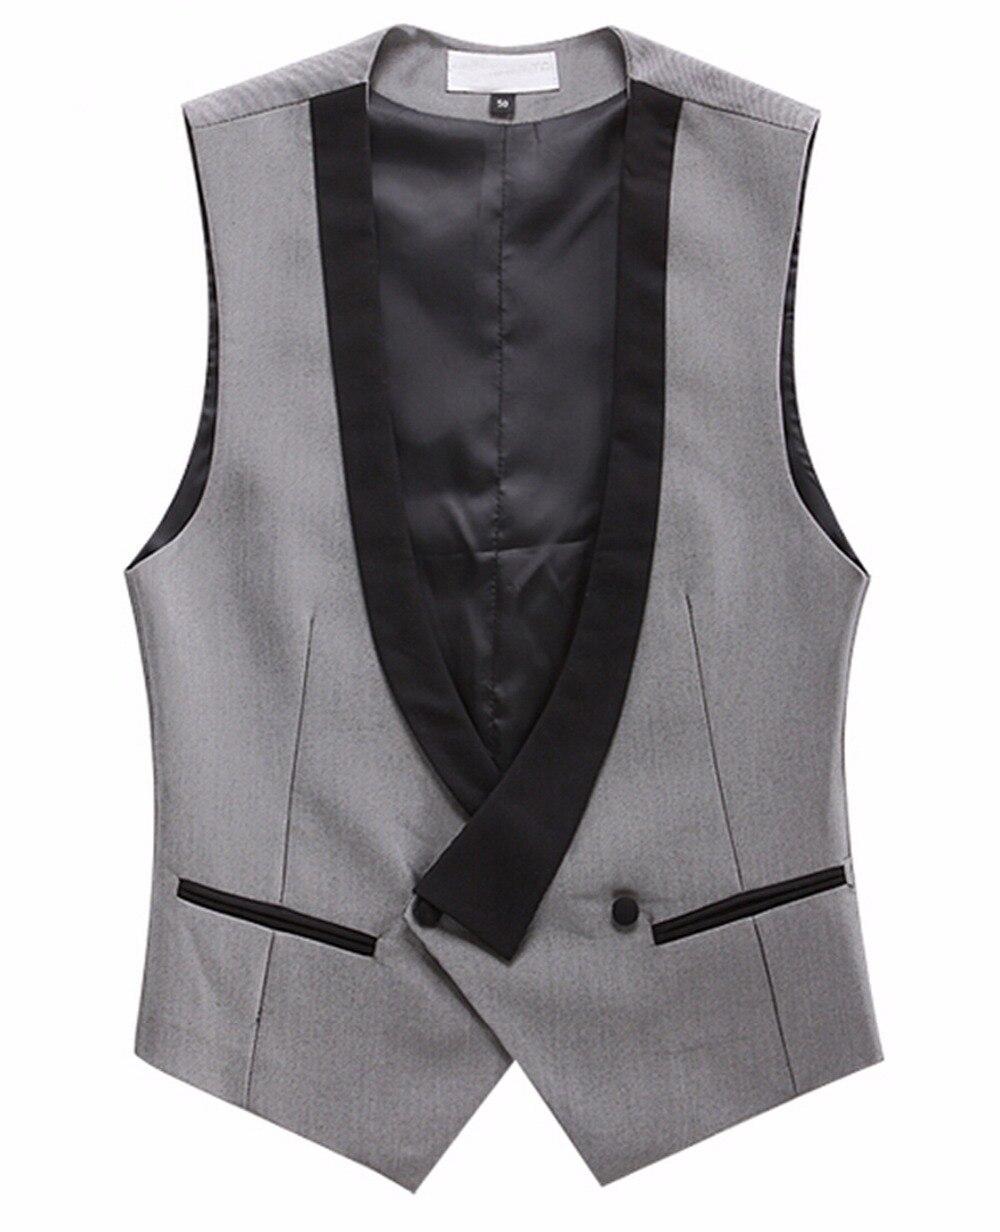 font b Custom b font font b Made b font Gray And Black Vests For